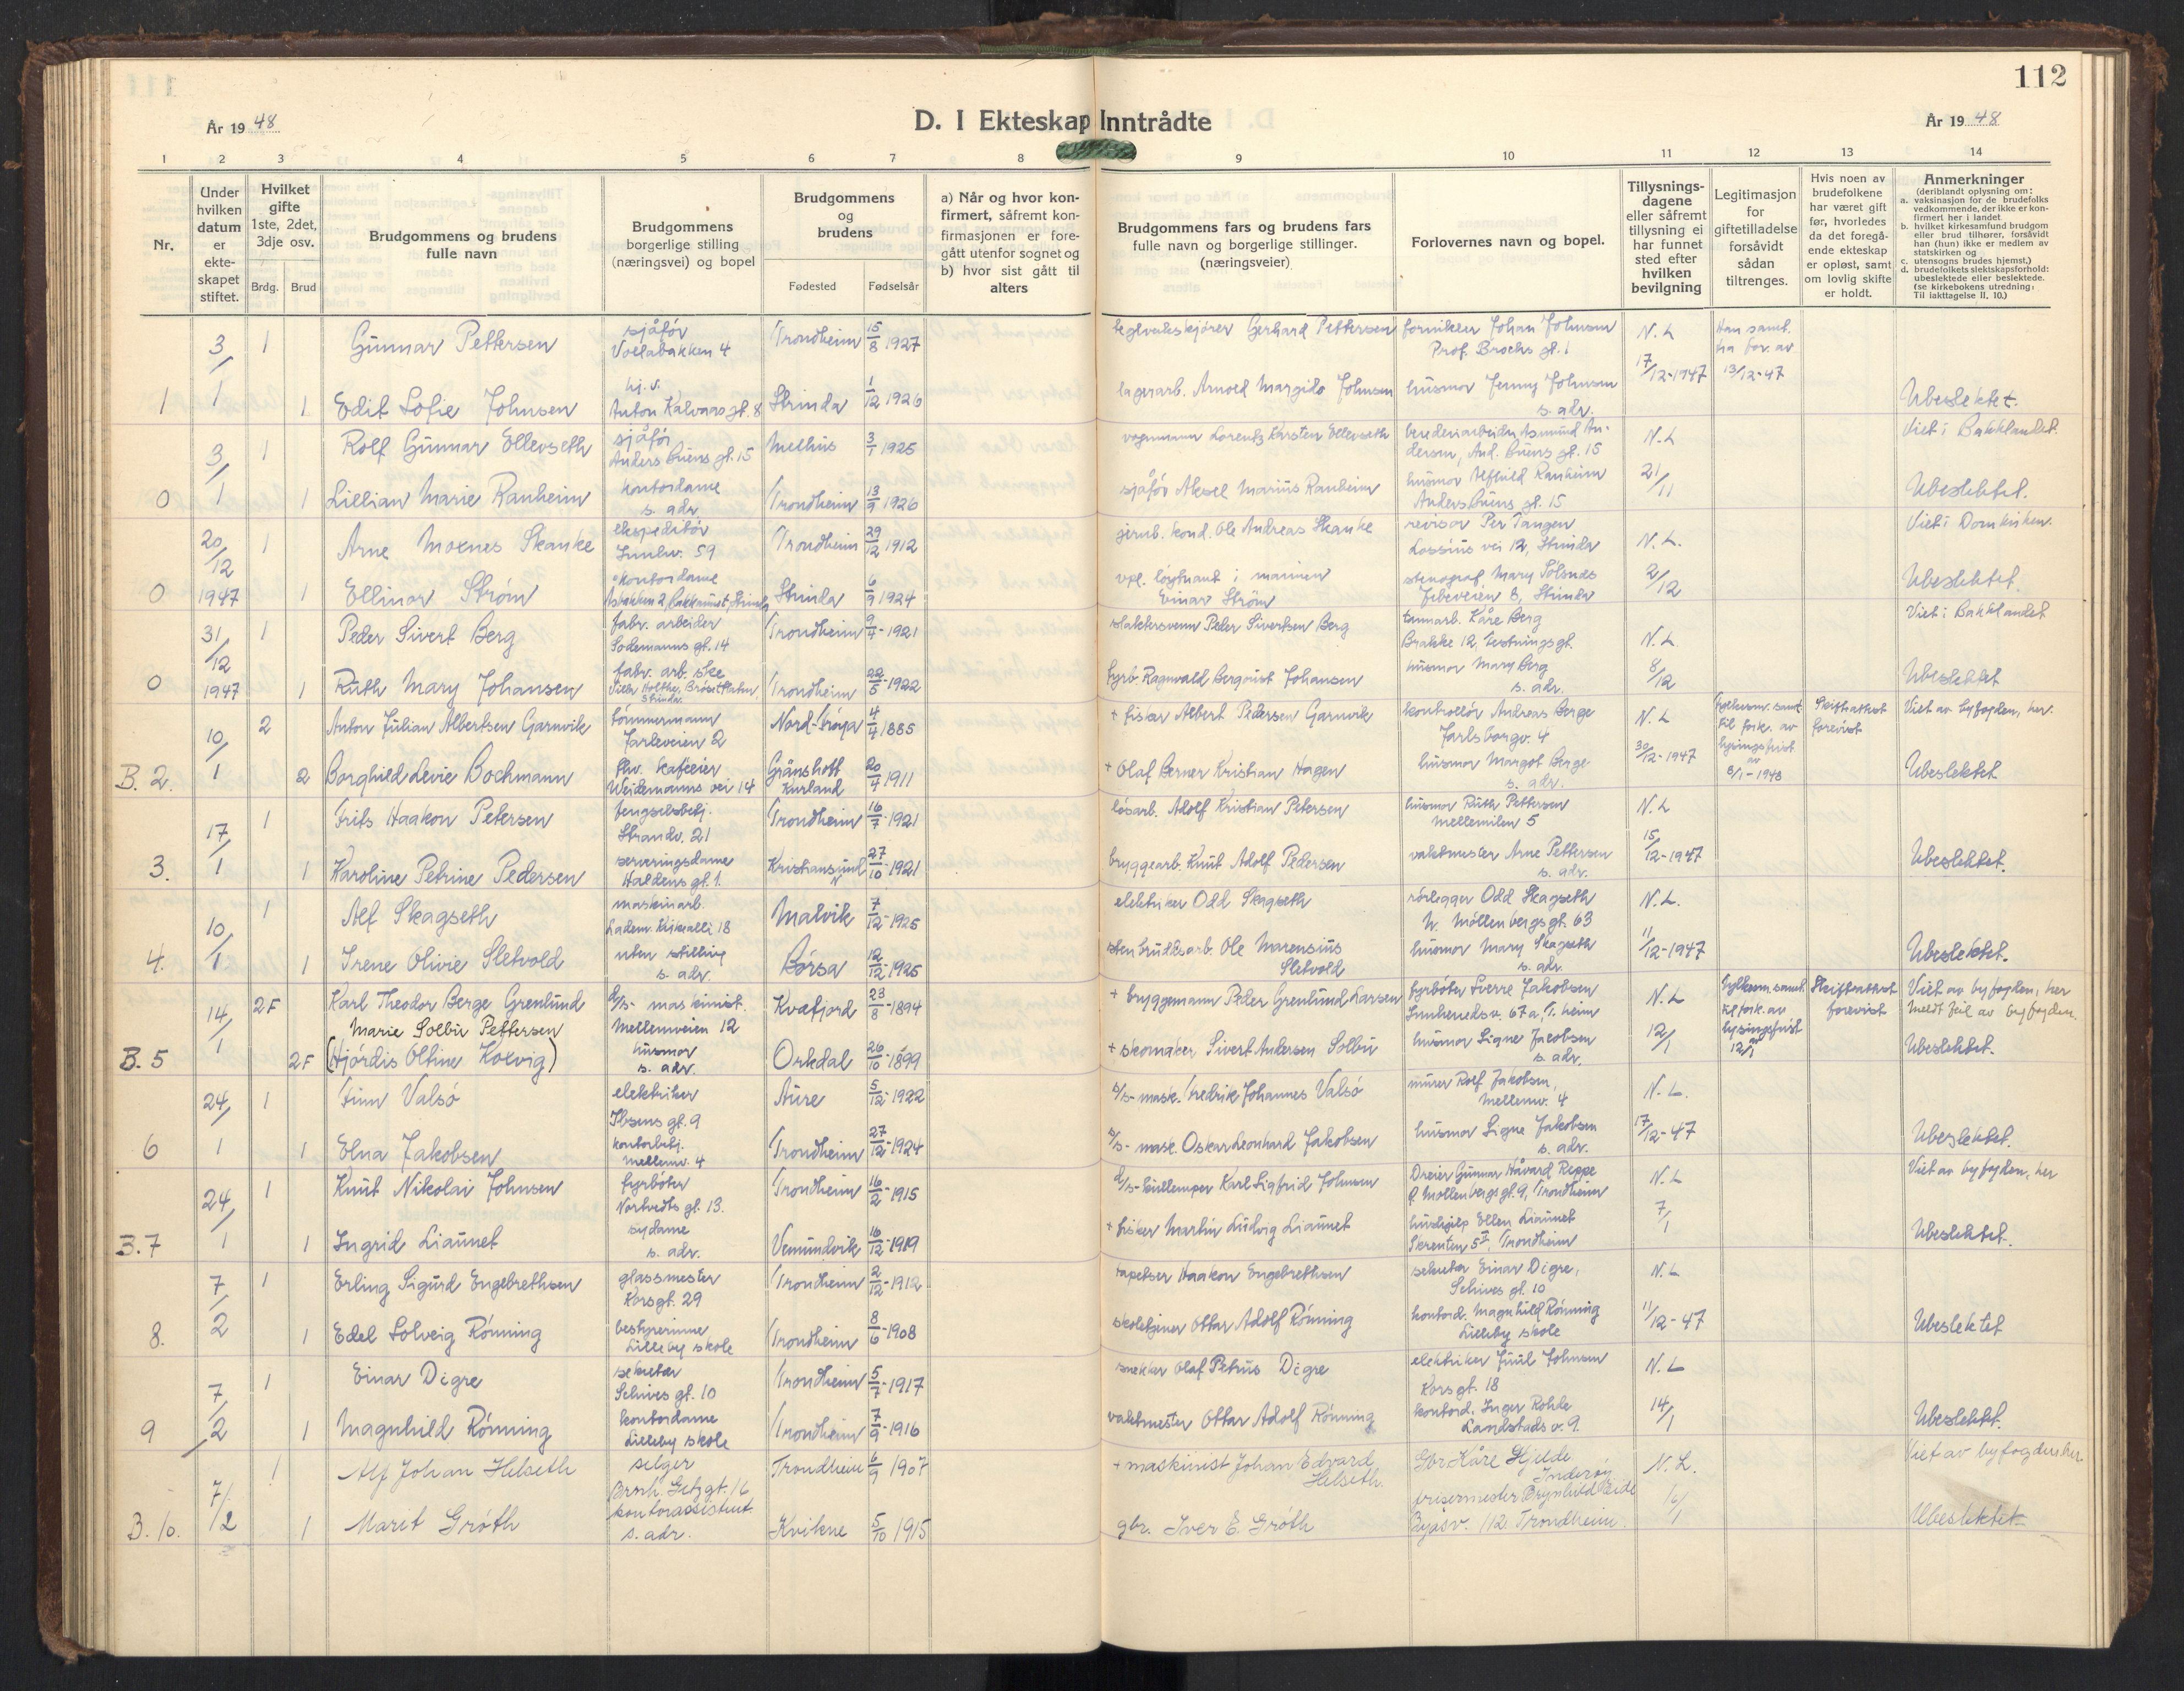 SAT, Ministerialprotokoller, klokkerbøker og fødselsregistre - Sør-Trøndelag, 605/L0263: Klokkerbok nr. 605C10, 1938-1949, s. 112